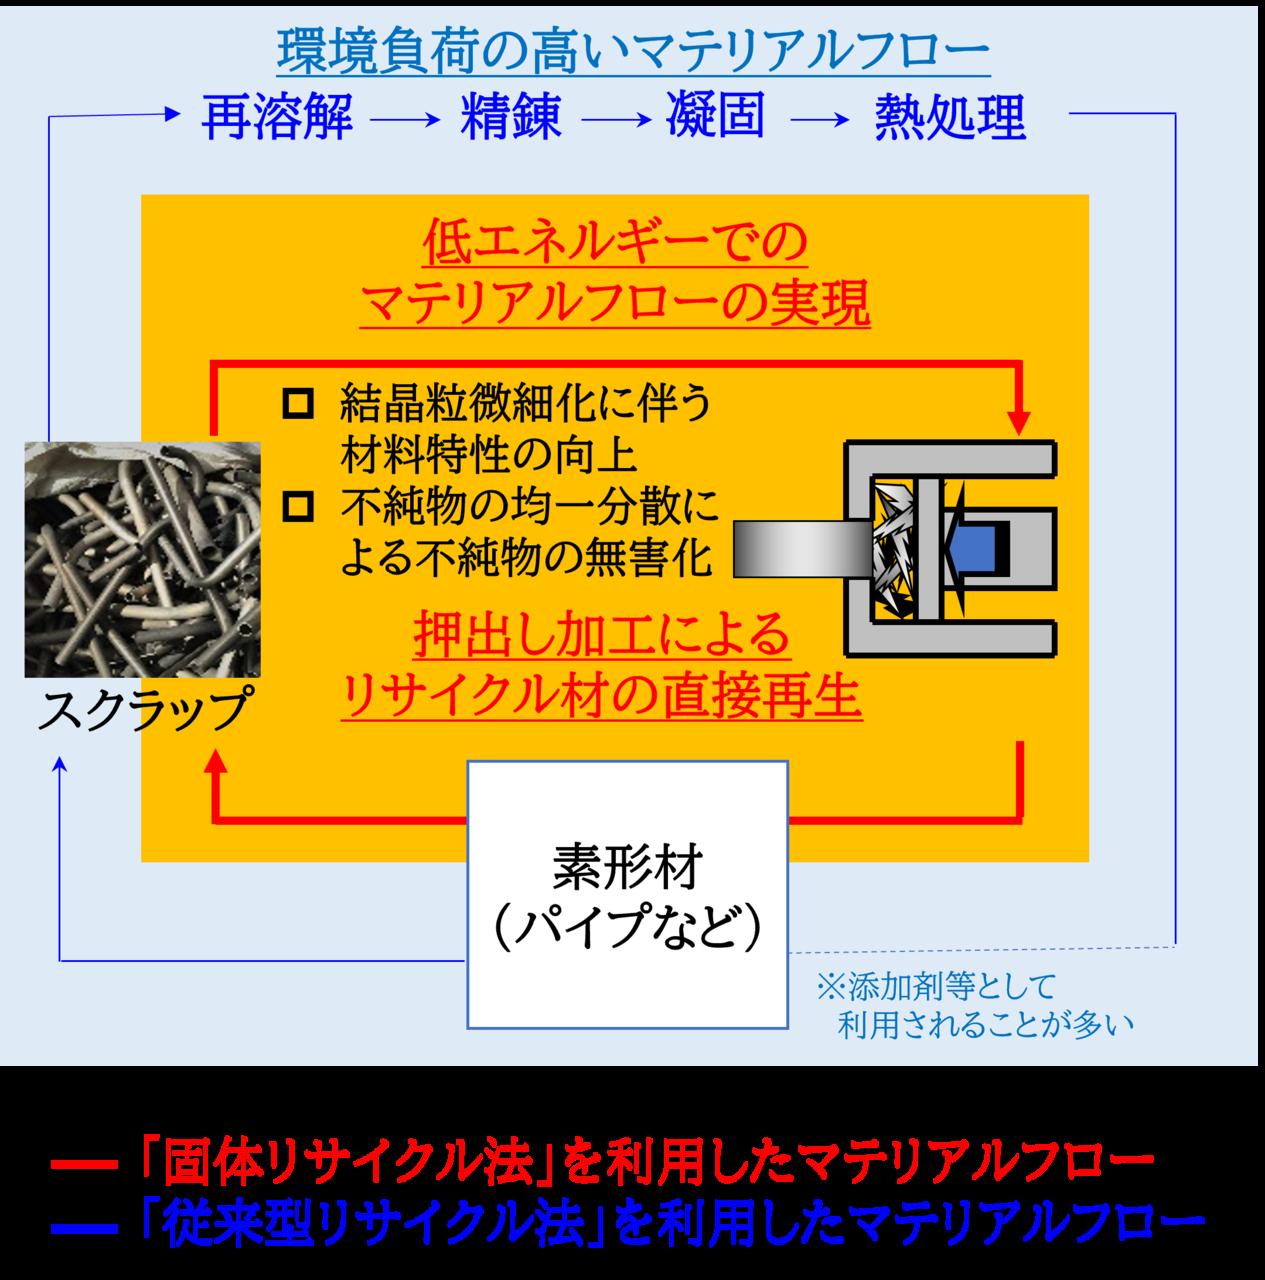 「固相リサイクル法」と「従来型リサイクル法」の比較